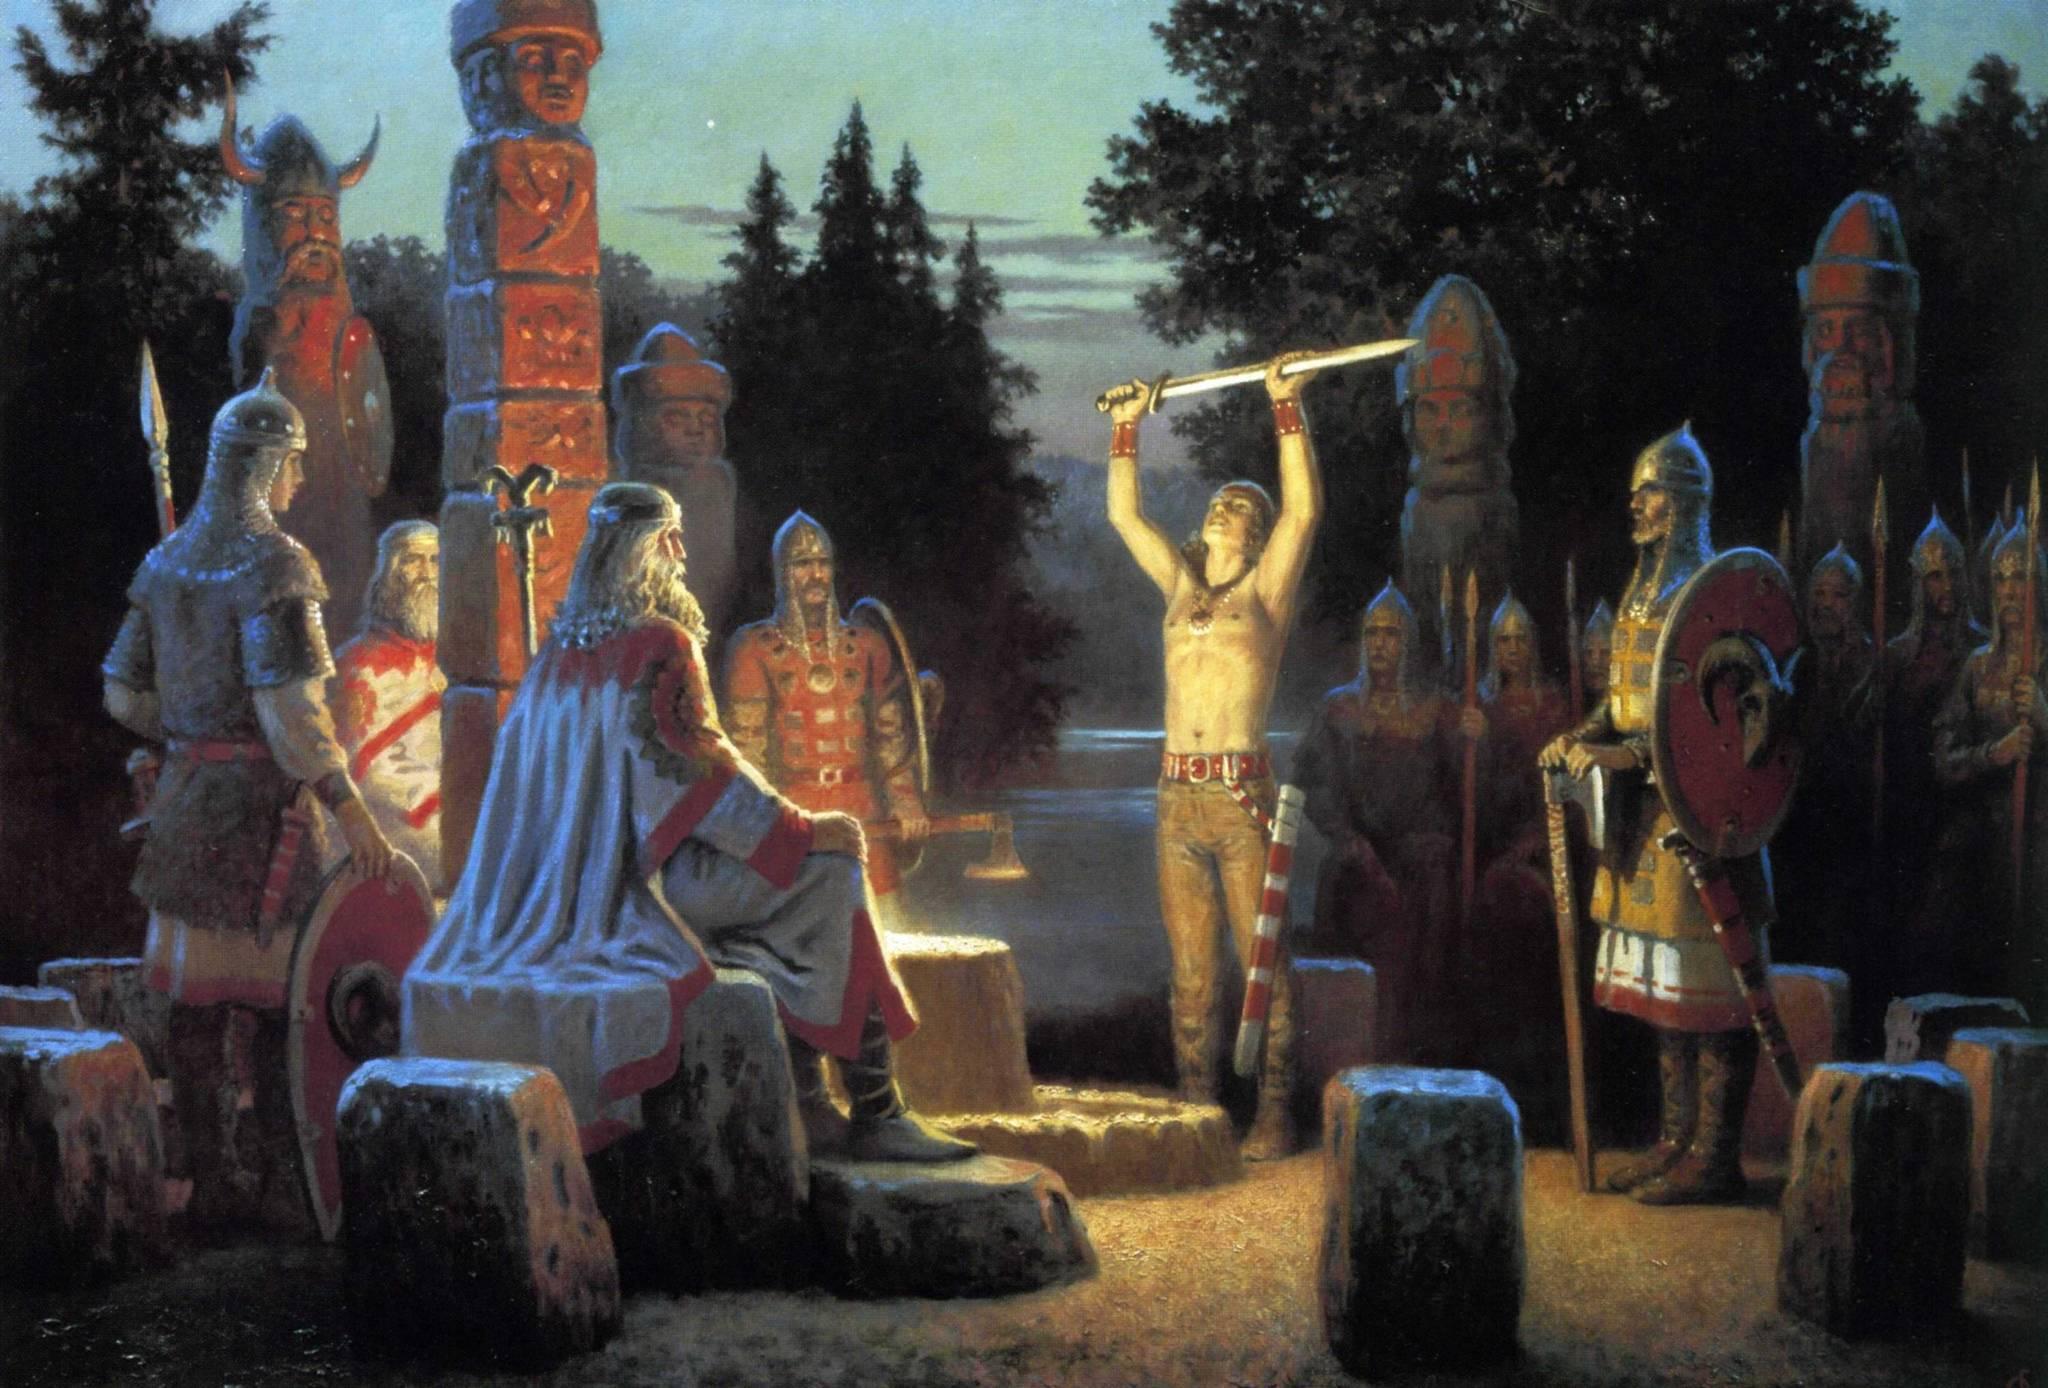 Культура древних славян, языческая культура славян